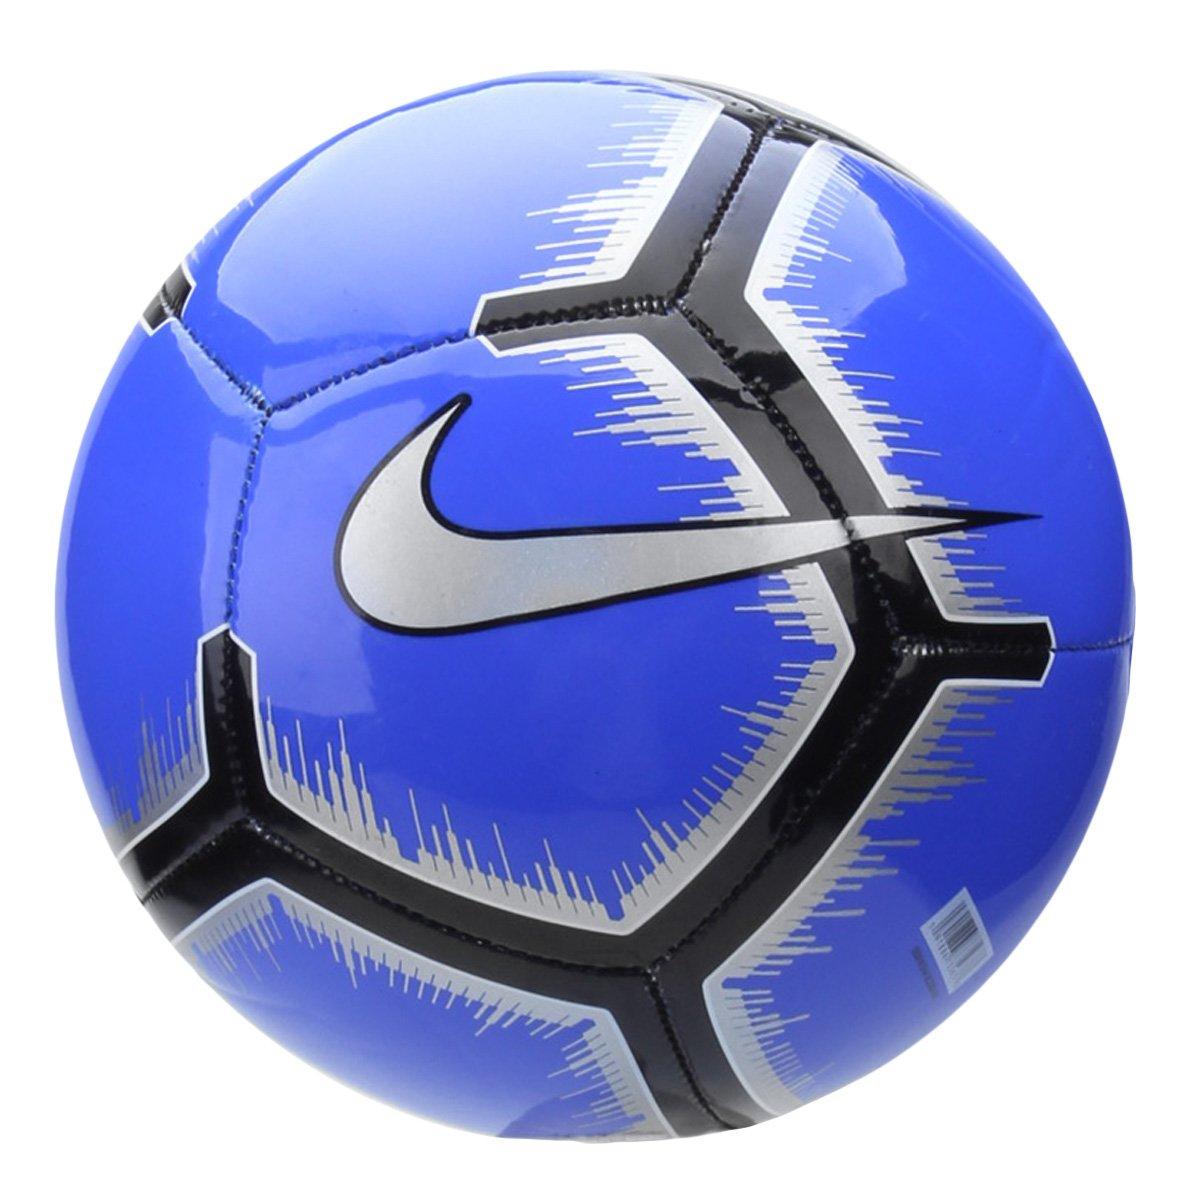 Mini Bola de Futebol Nike Skills - Azul e Preto - Compre Agora ... d2c56c1984e77